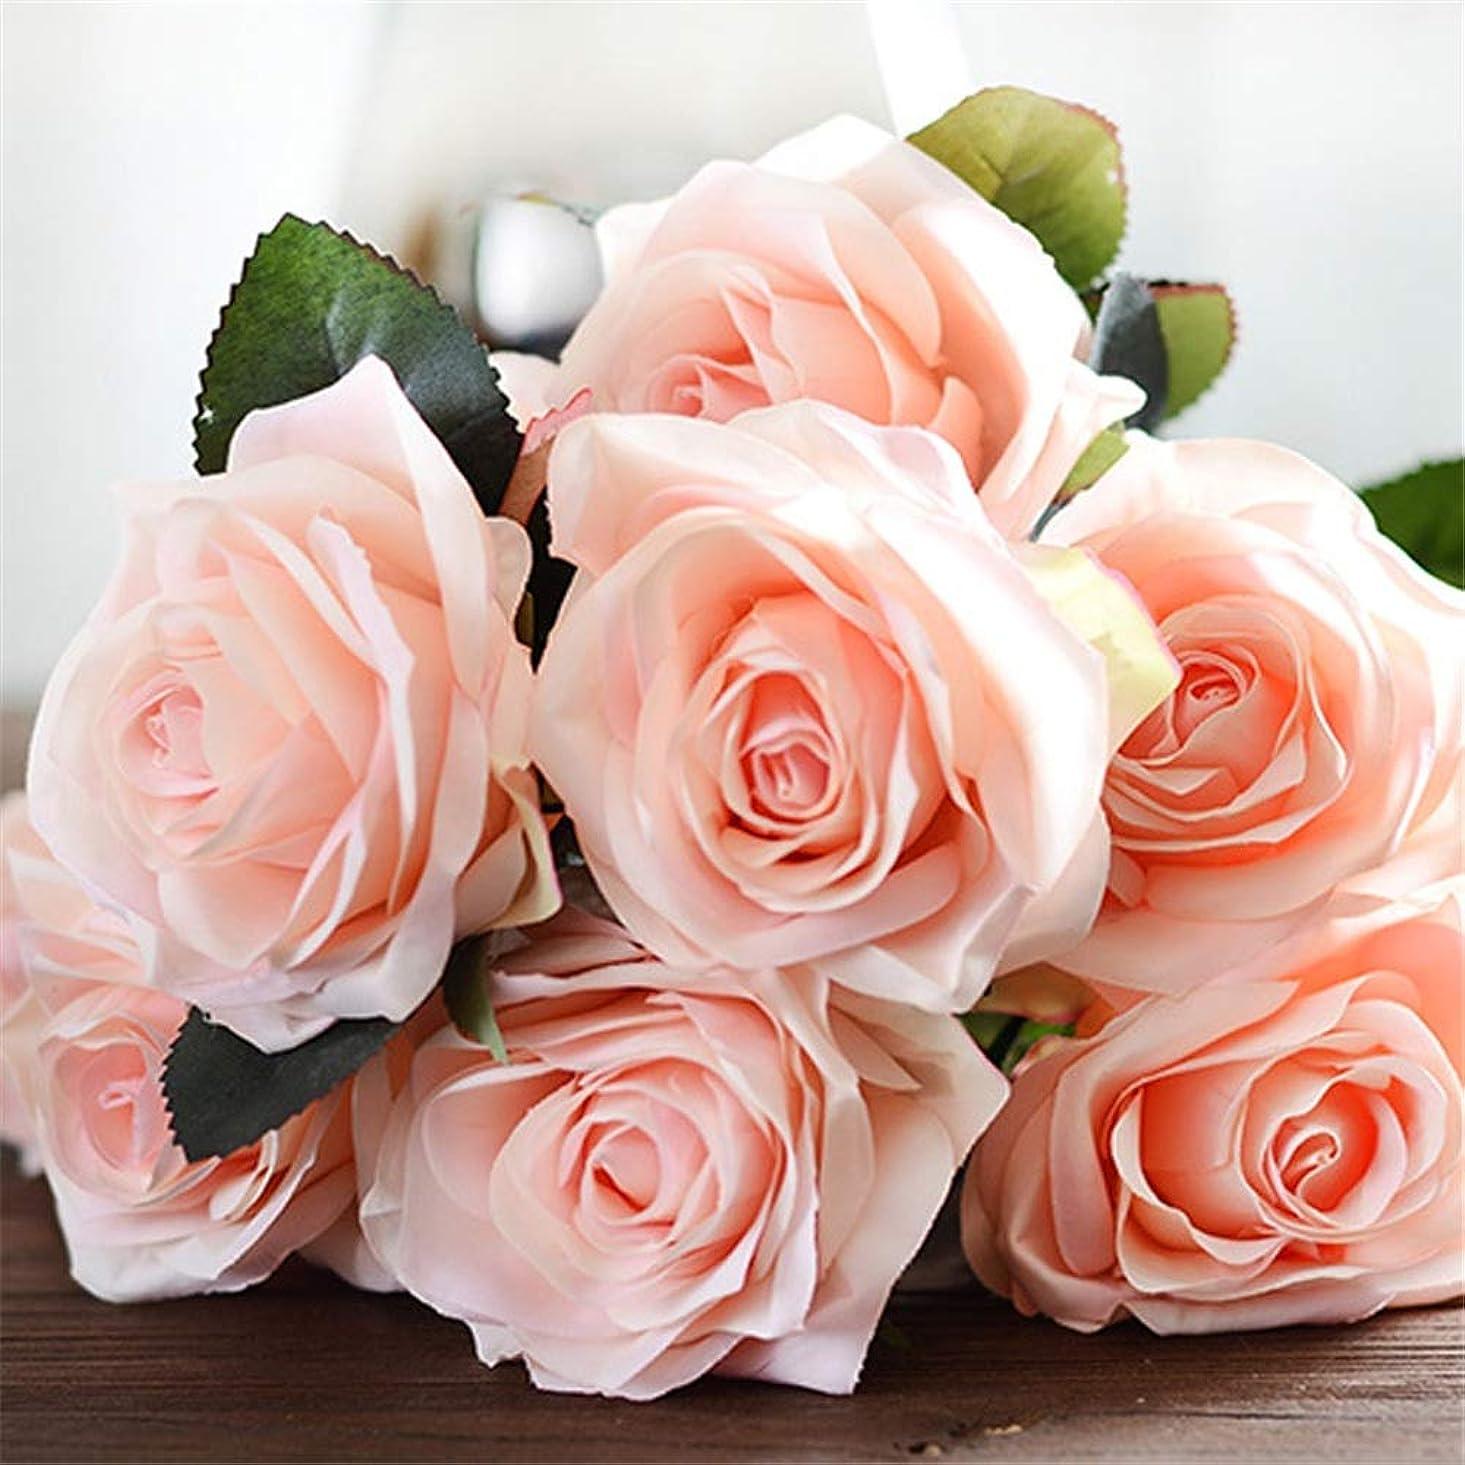 敬な地上で困惑人工観葉植物 鉢植えのない多肉植物、リアルなバラエティの盛り合わせ、プラスチック製の緑の植物盆栽の花 ベッドルーム、リビングルームで使用 (Color : Pink)